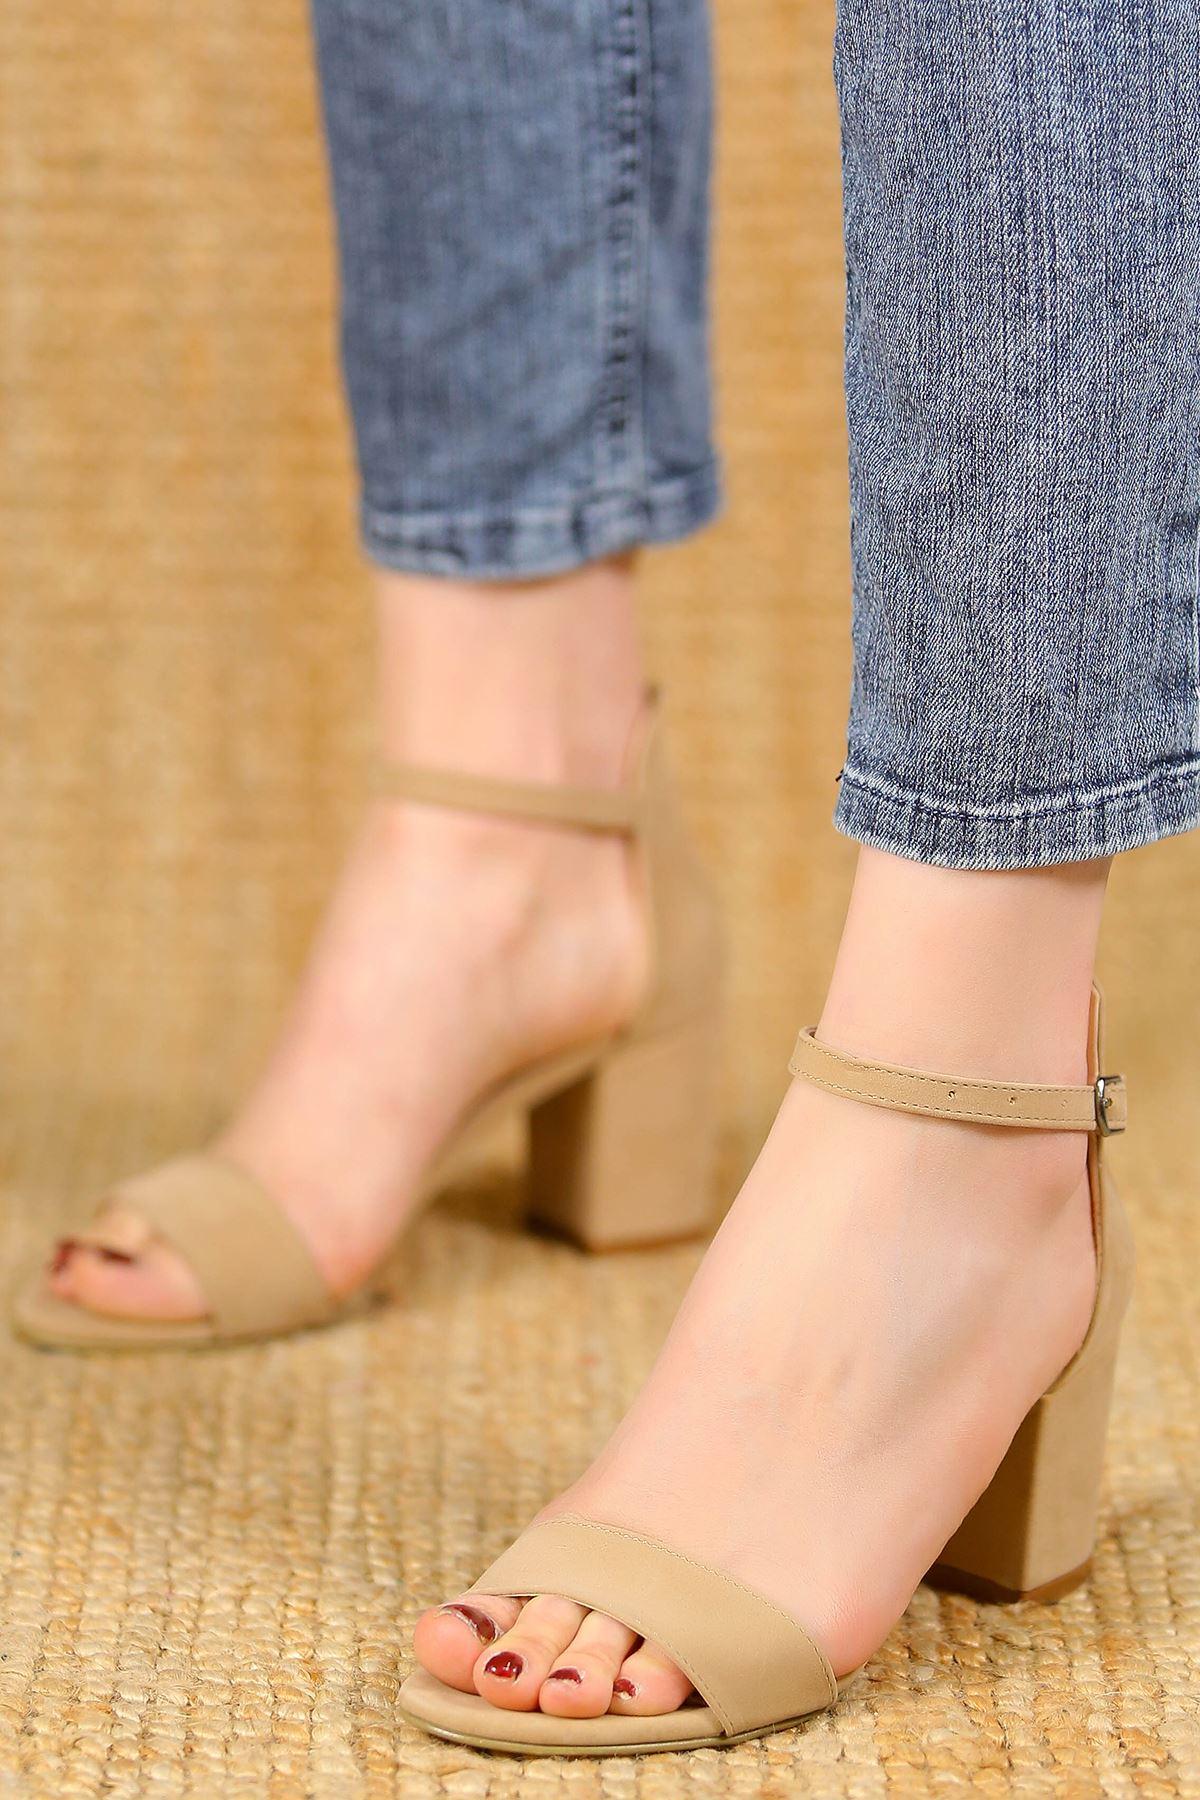 7Cm Topuklu Ayakkabı Süetbej - 5181.264.